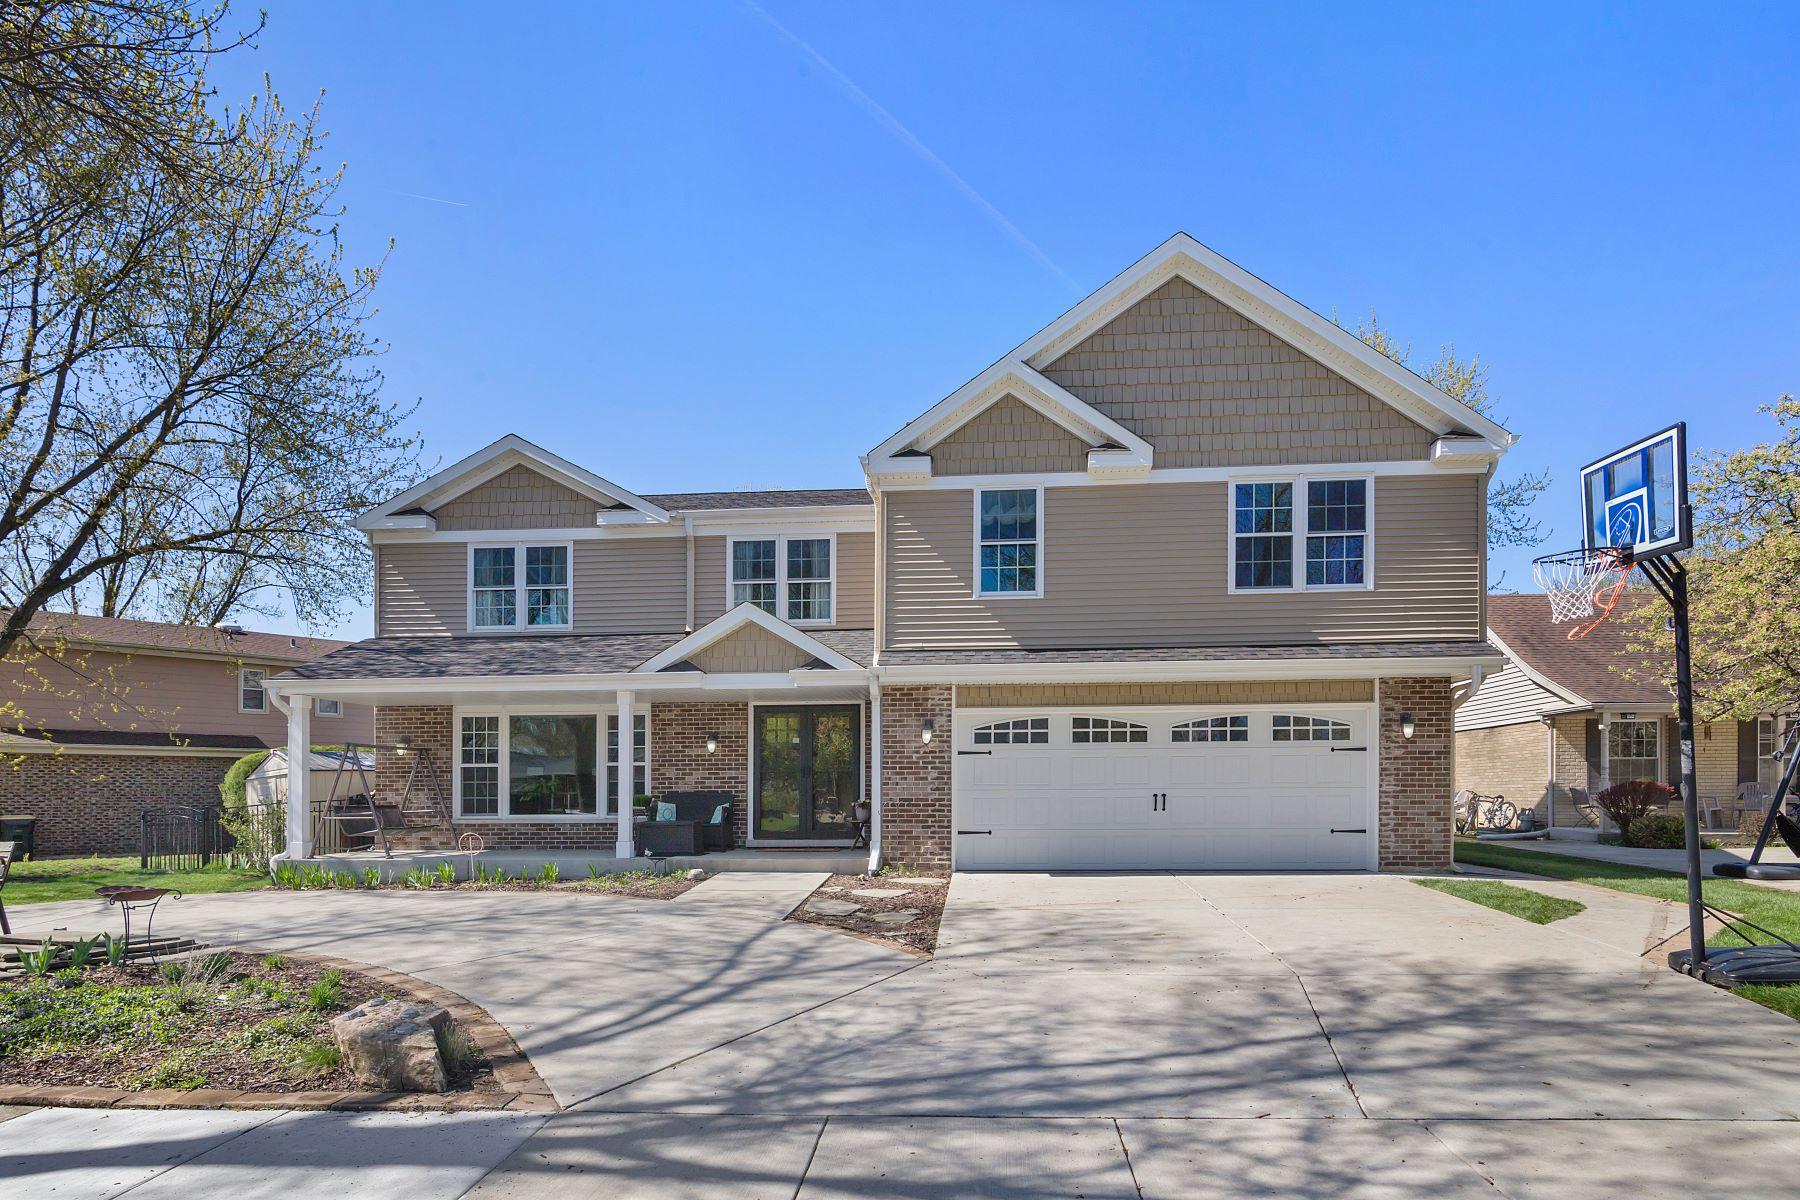 Частный односемейный дом для того Продажа на Fully Renovated Arlington Heights Home 1509 E Best Drive Arlington Heights, Иллинойс 60004 Соединенные Штаты